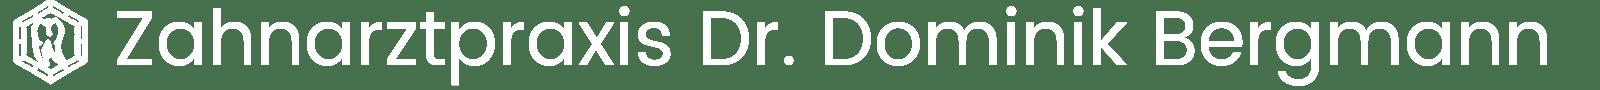 Zahnarztpraxis Dr. Dominik Bergmann Mettingen